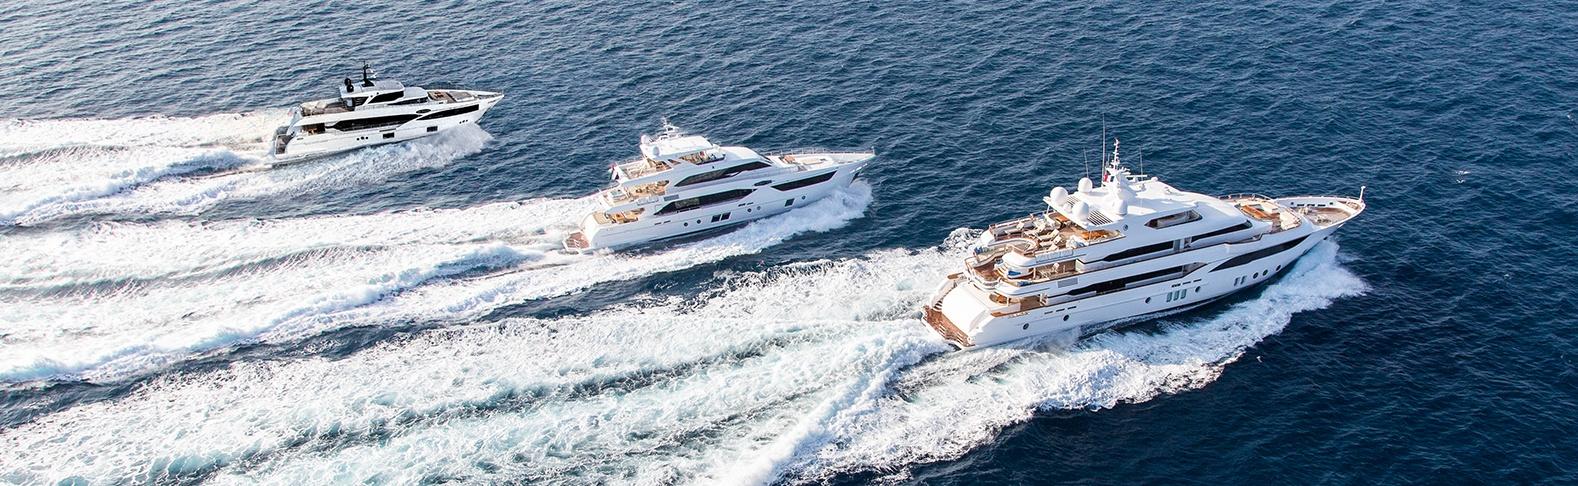 Majesty-Yachts-superyachts